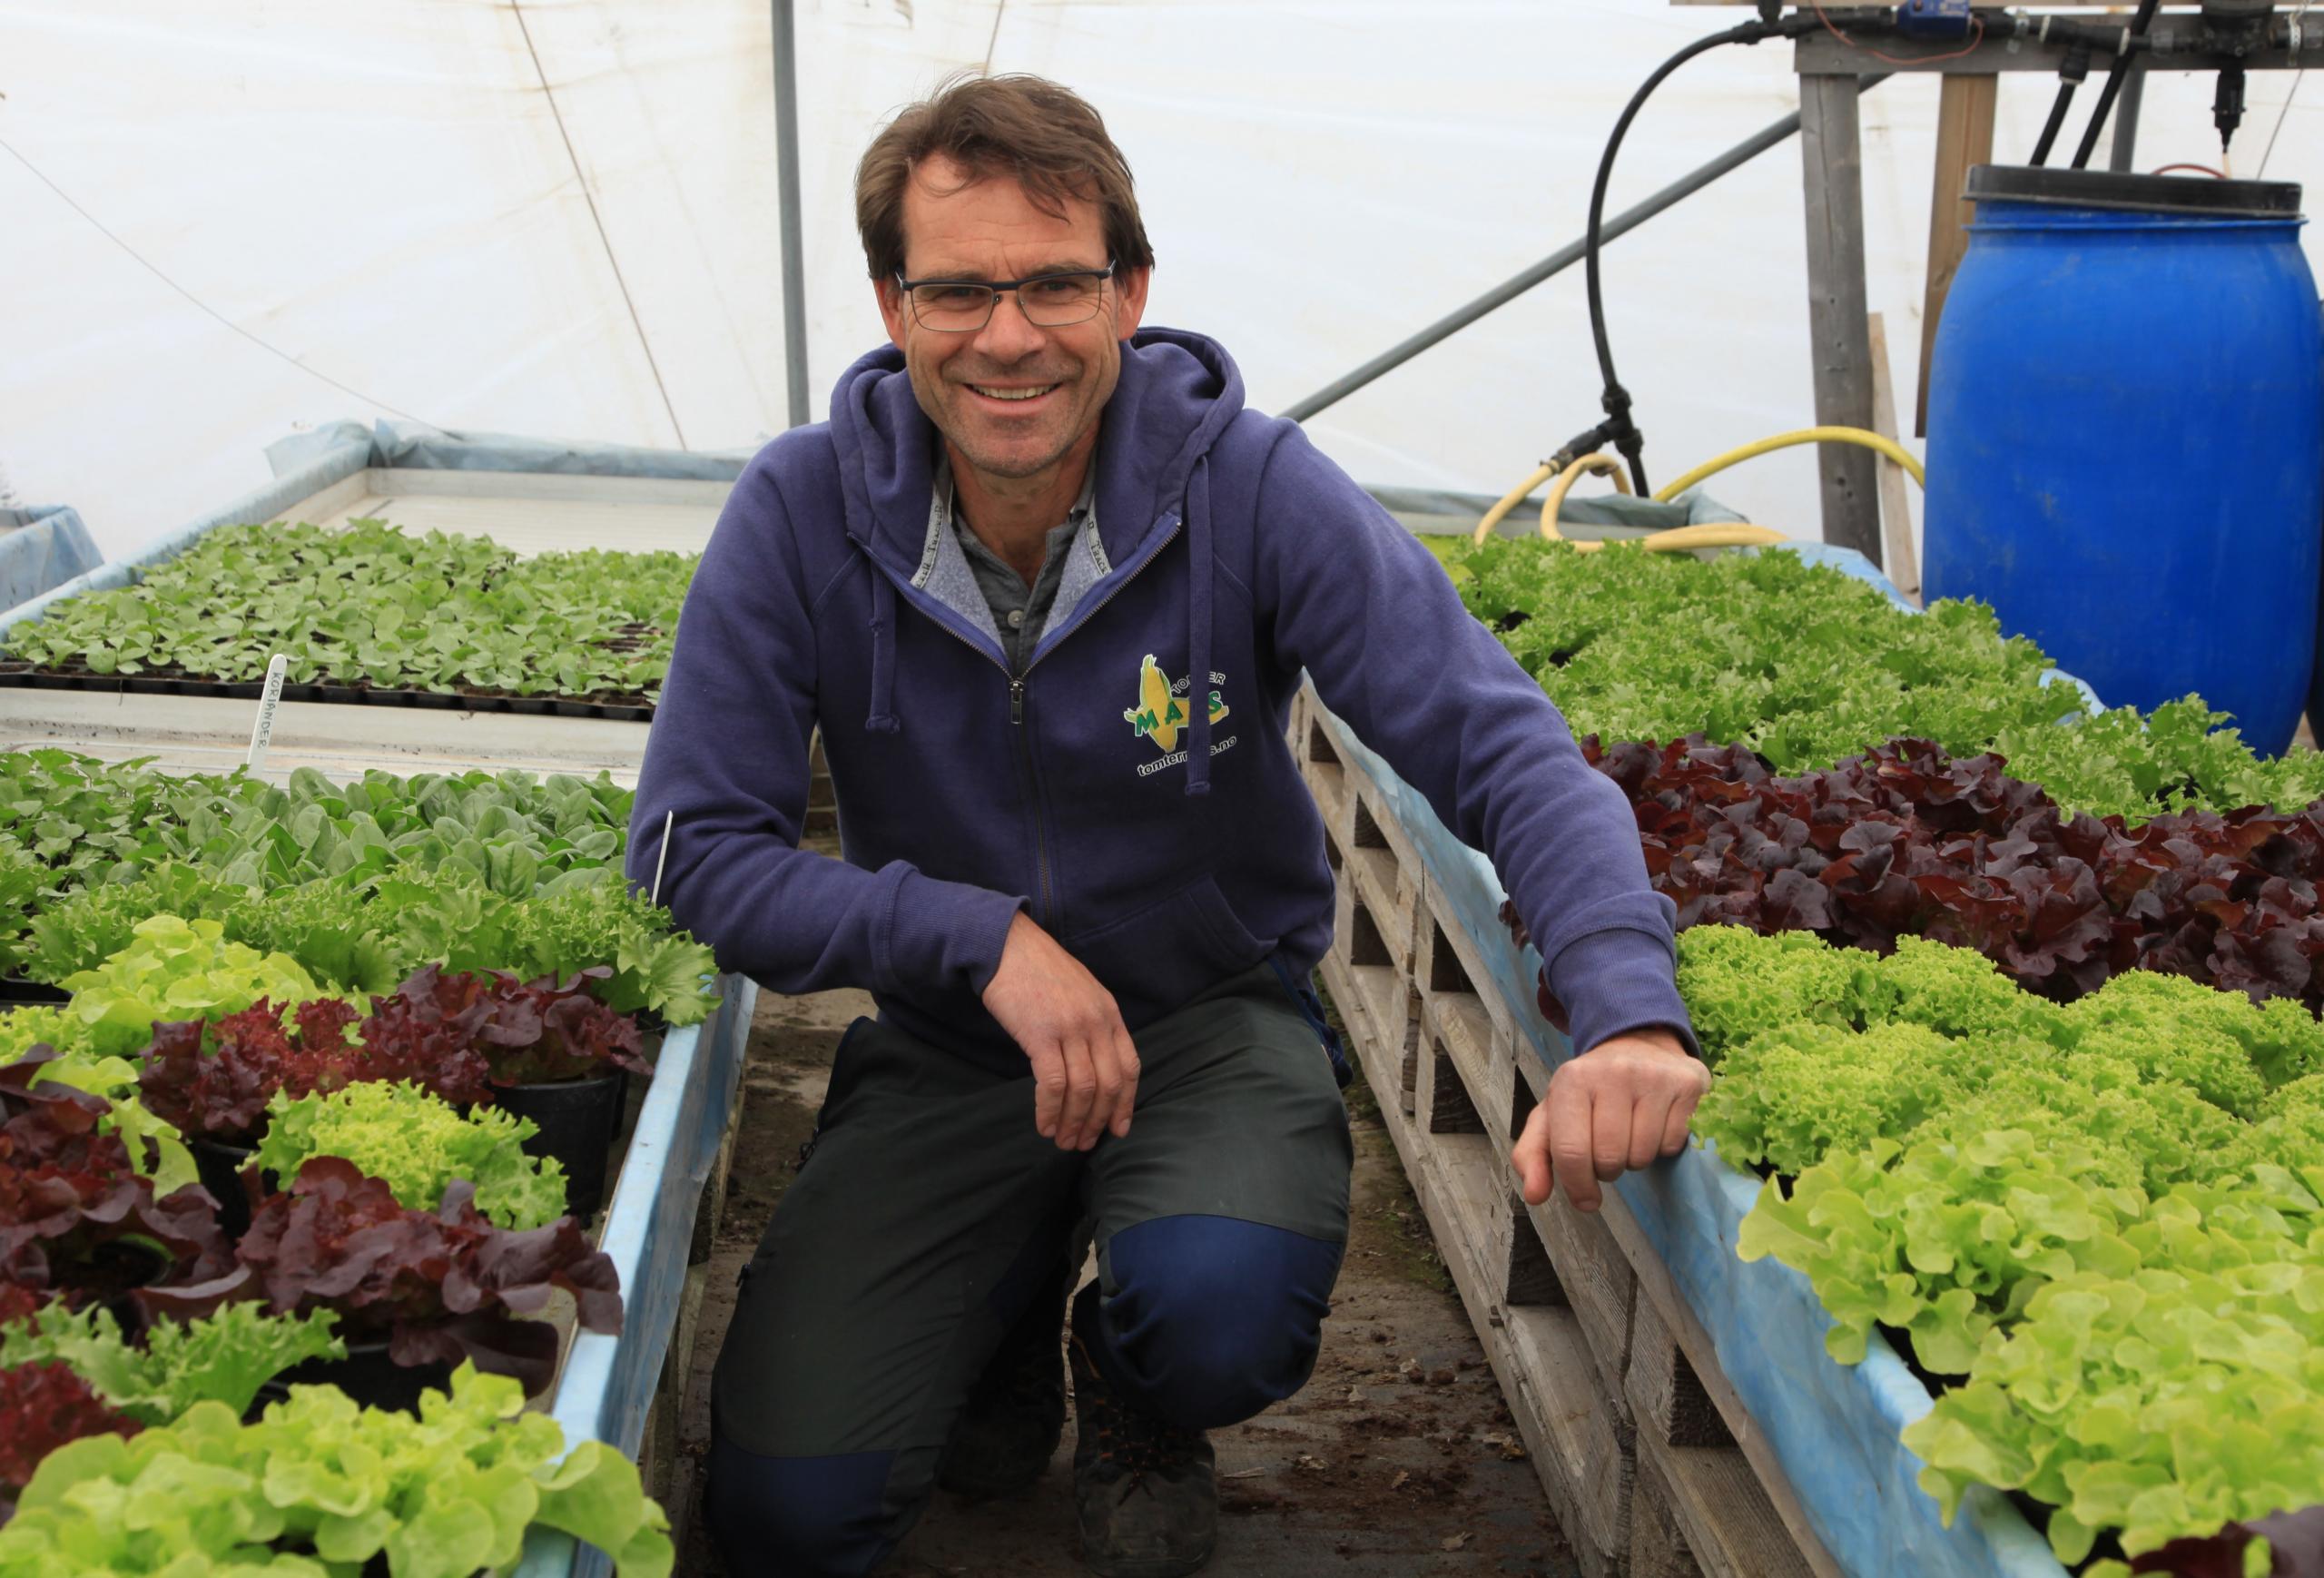 Mann på huk sammen medsalatplanter